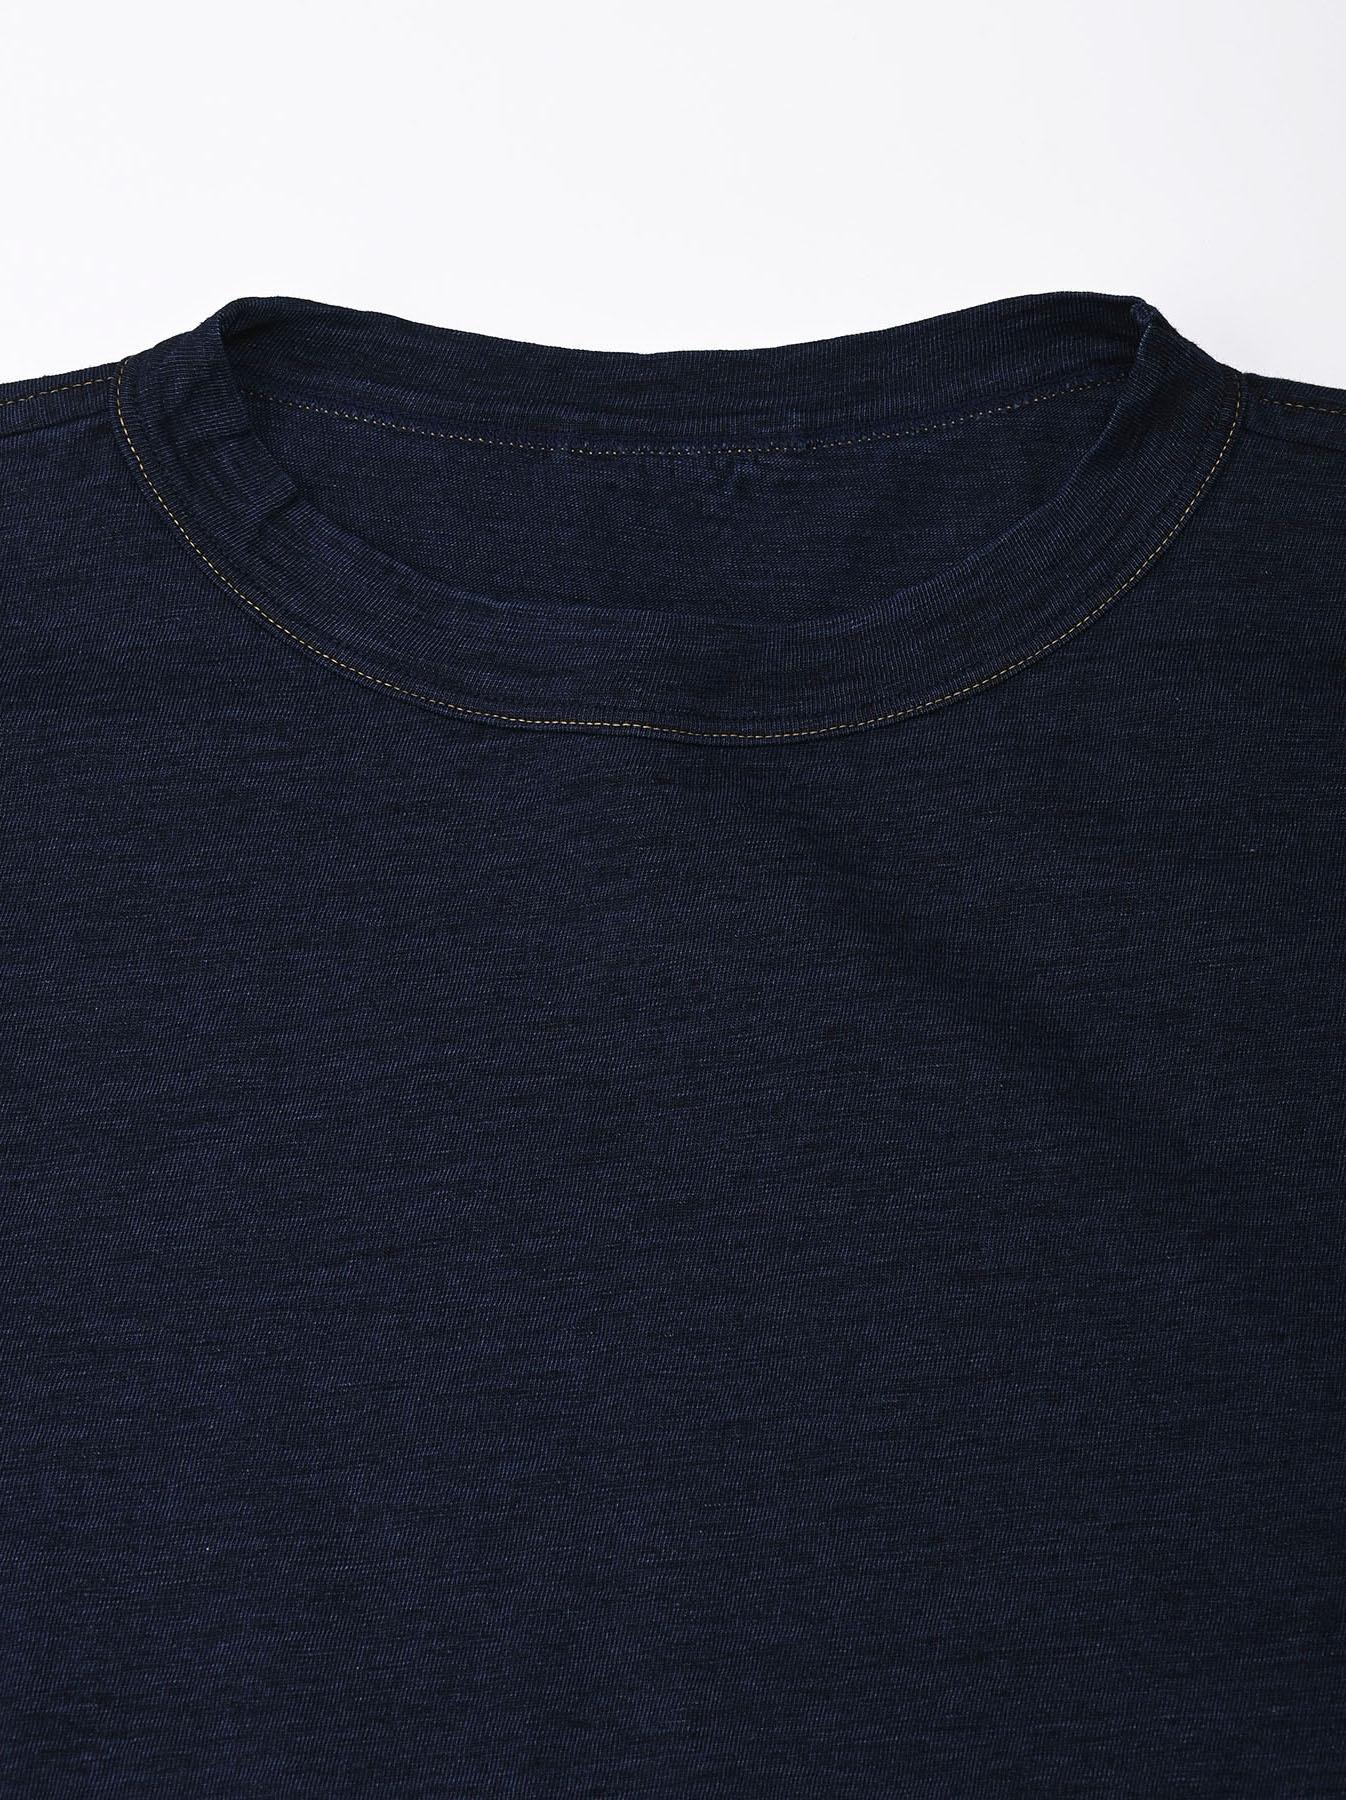 Indigo Nou Zimbabwe Cotton Big Slit T-shirt (0721)-5